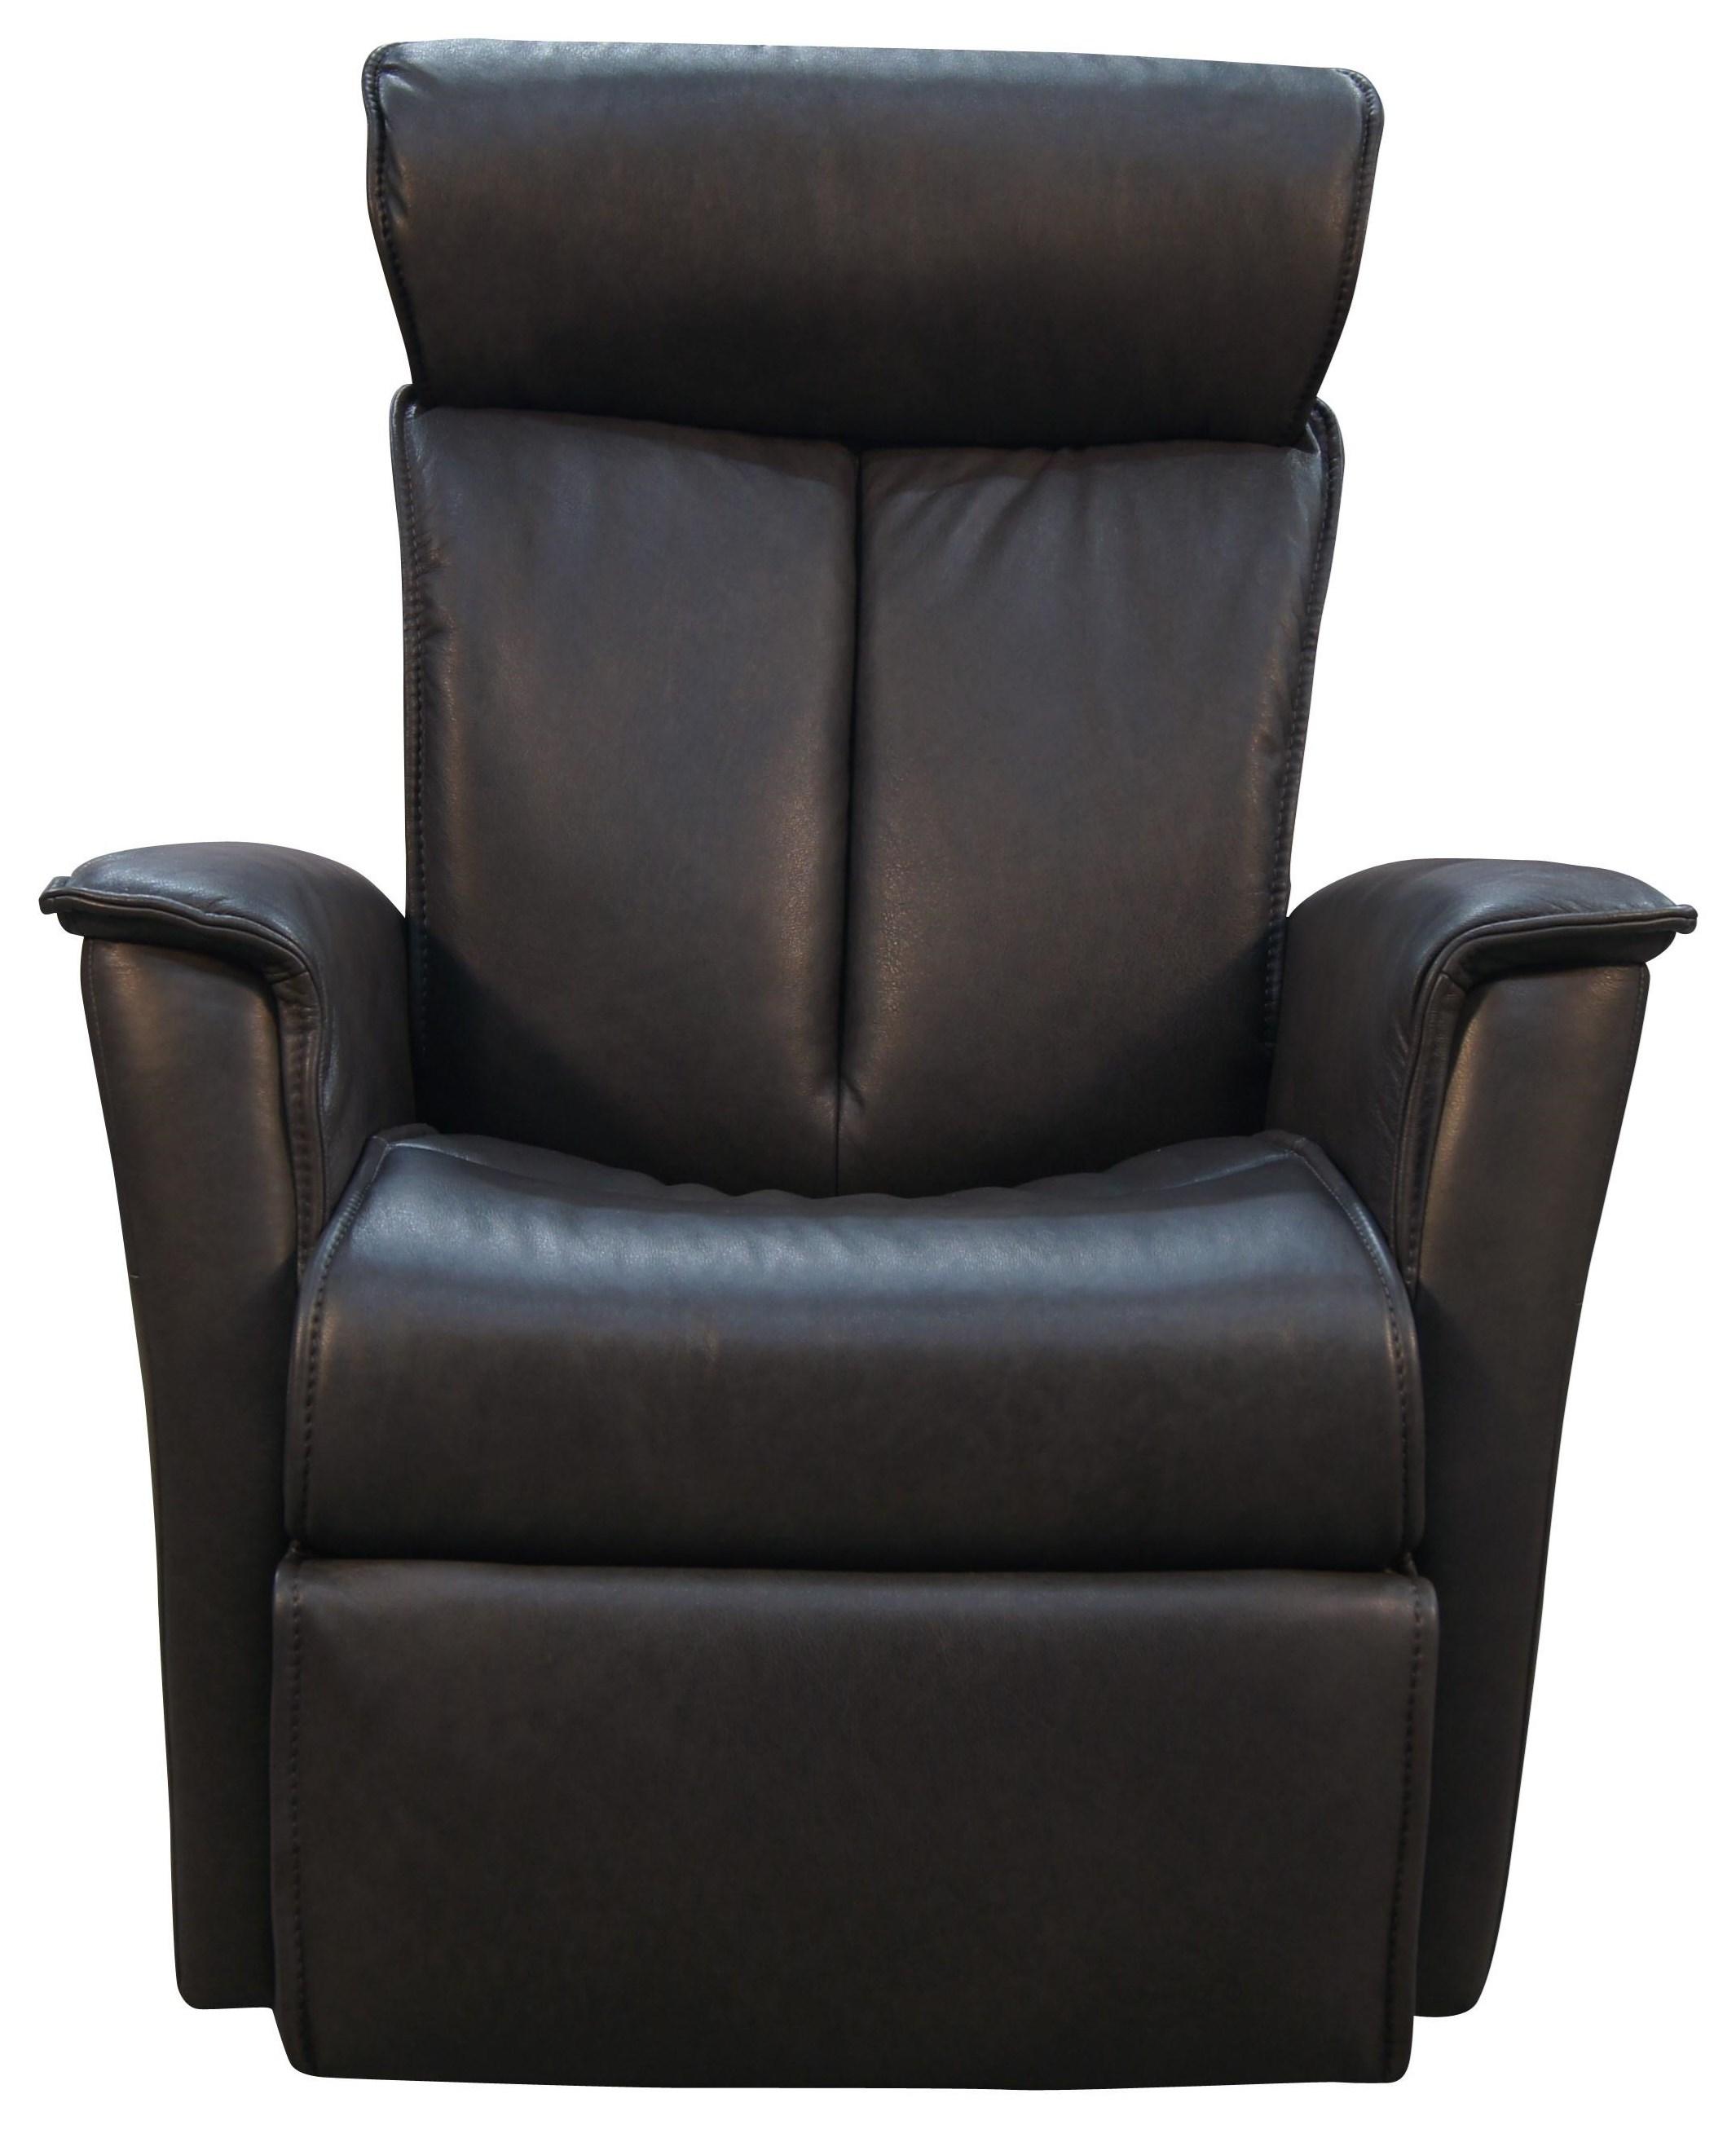 Duke Duke Relaxer by Norwegian Comfort at Hudson's Furniture